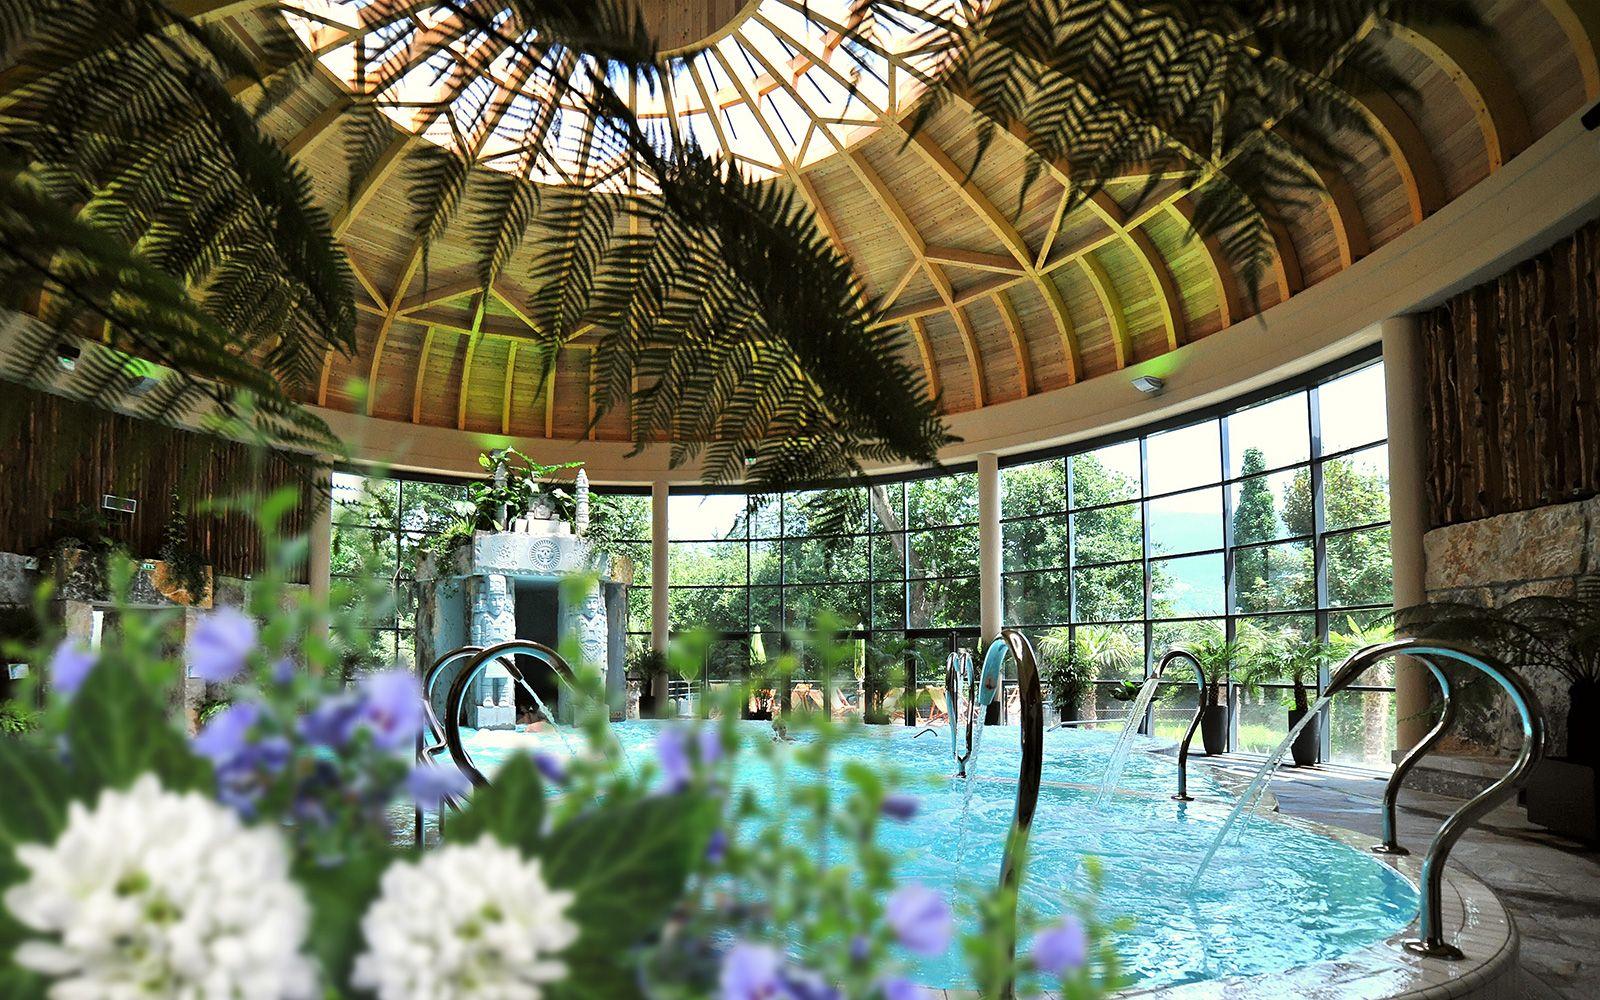 Le jardin des bains bains et relaxation centre - Thermes argeles gazost jardin bains ...